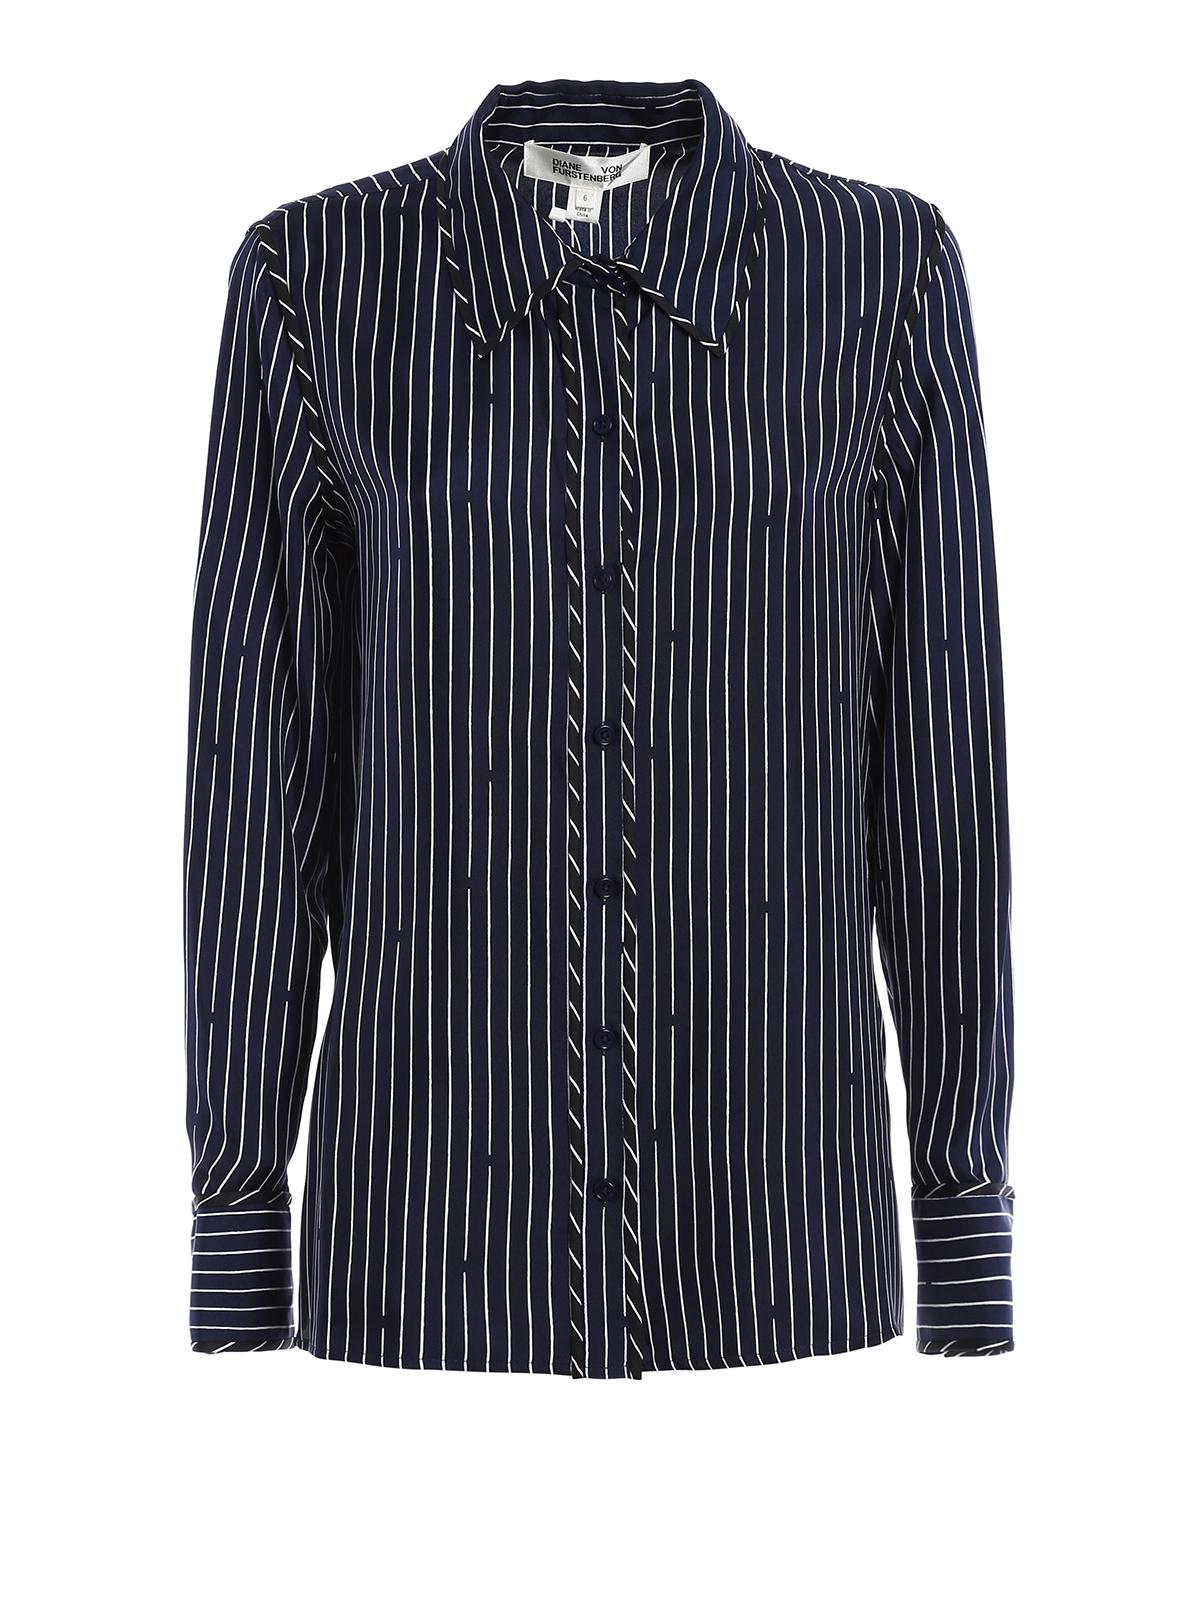 Striped silk shirt by diane von furstenberg shirts ikrix for Diane von furstenberg shirt